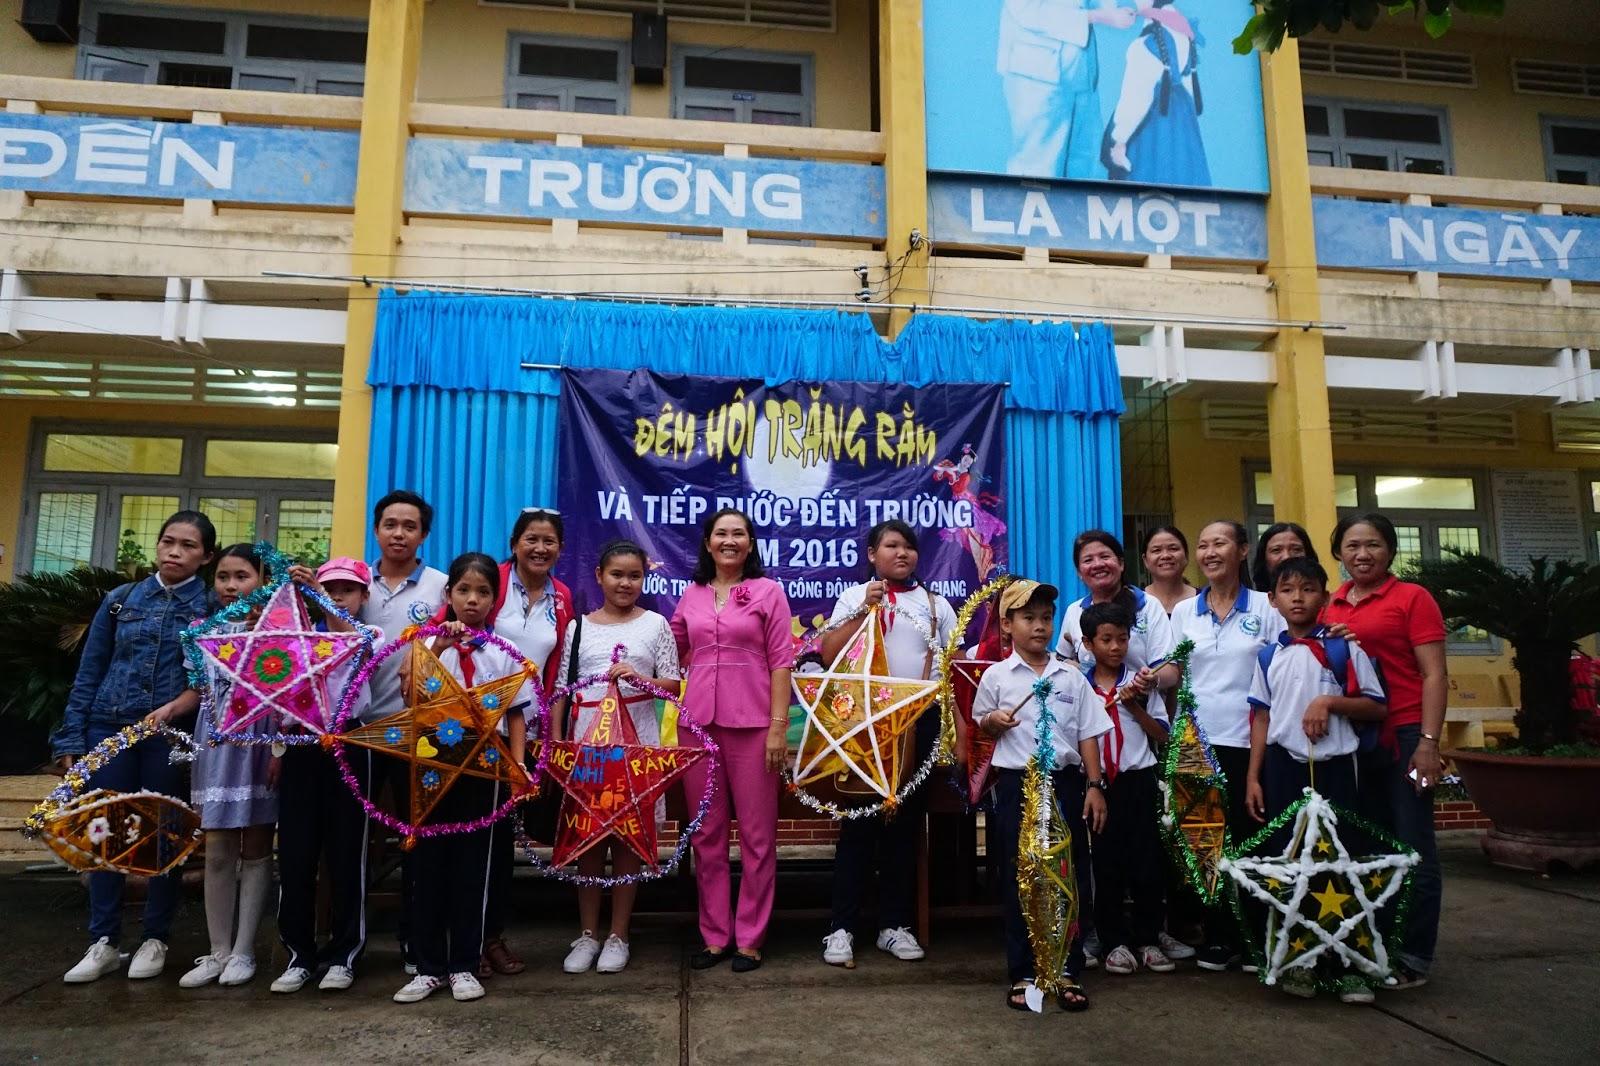 Đoàn chụp hình lưu niệm cùng thầy cô trường Phước Trung 2